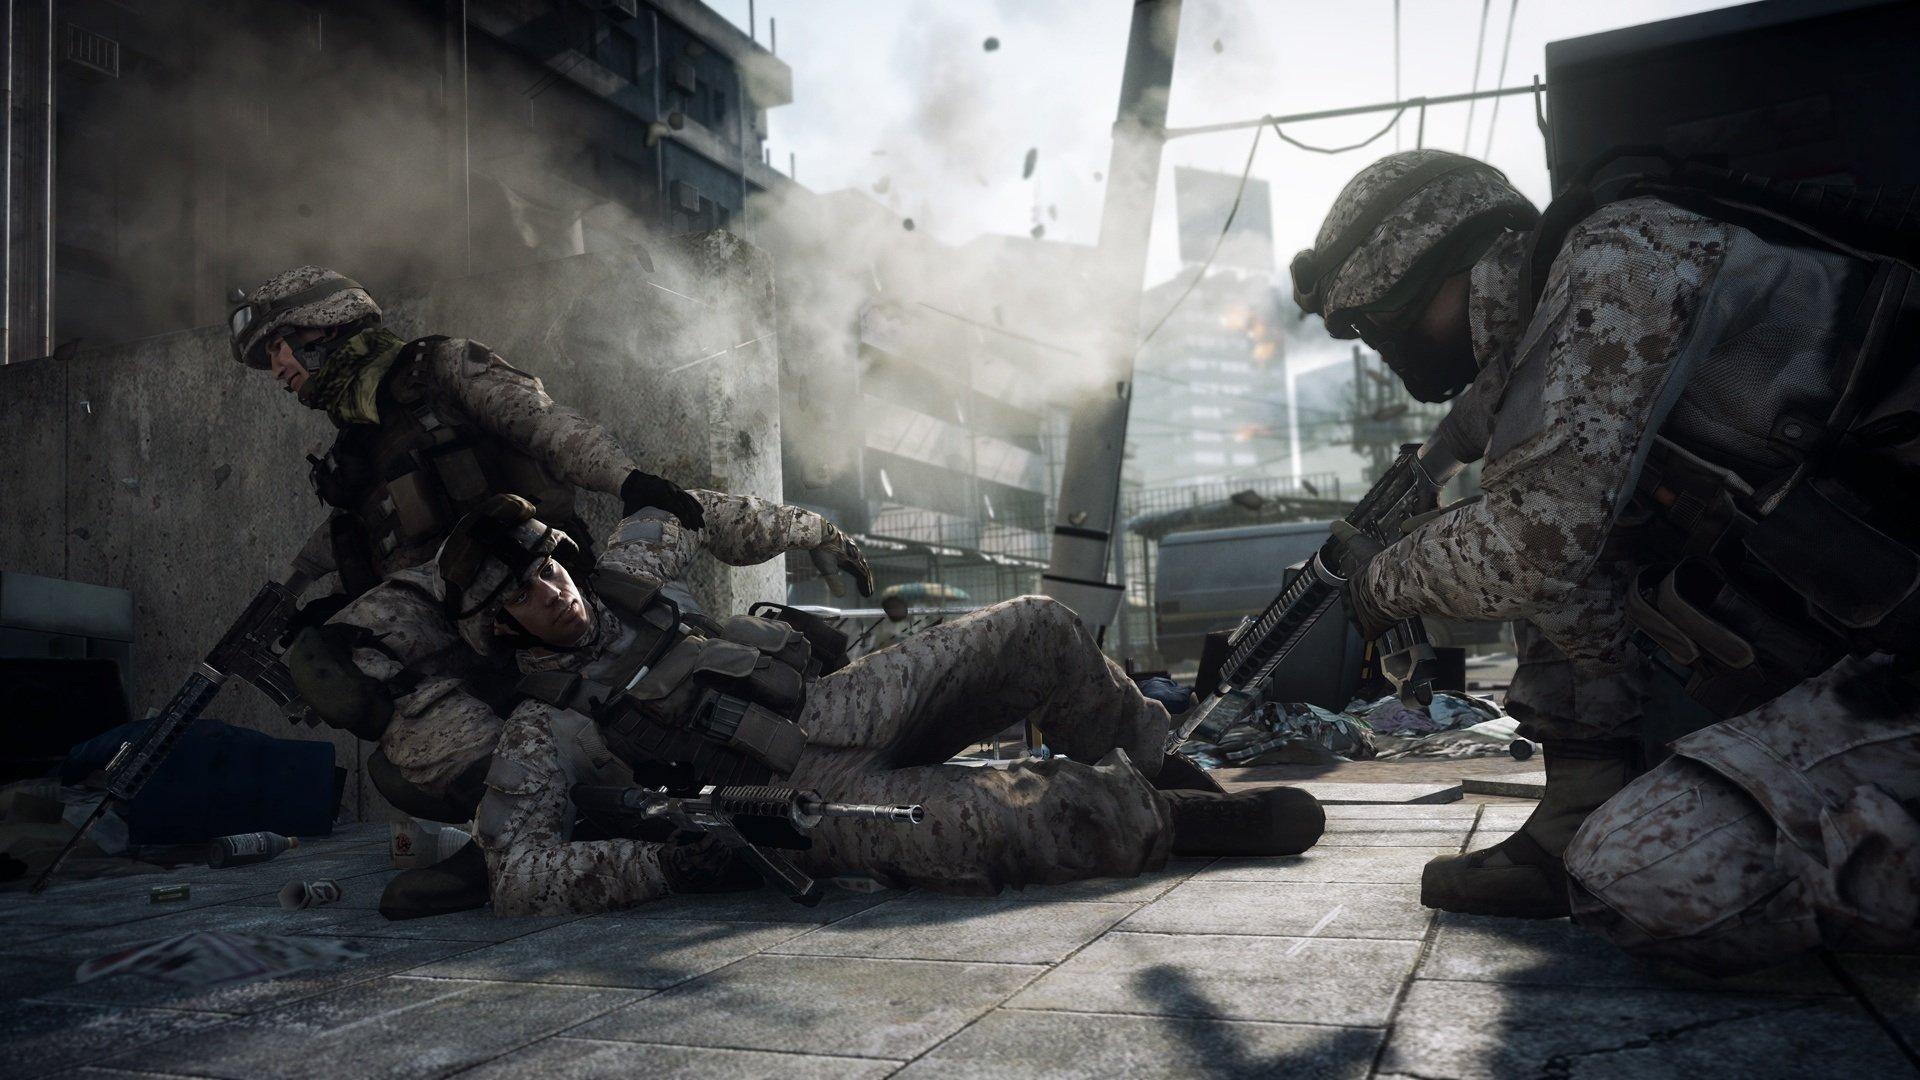 Вышло обновление для Battlefield 3.  Вес обновы за 6гб. Думаю всем ясно, что будет что то серьезное. . - Изображение 1